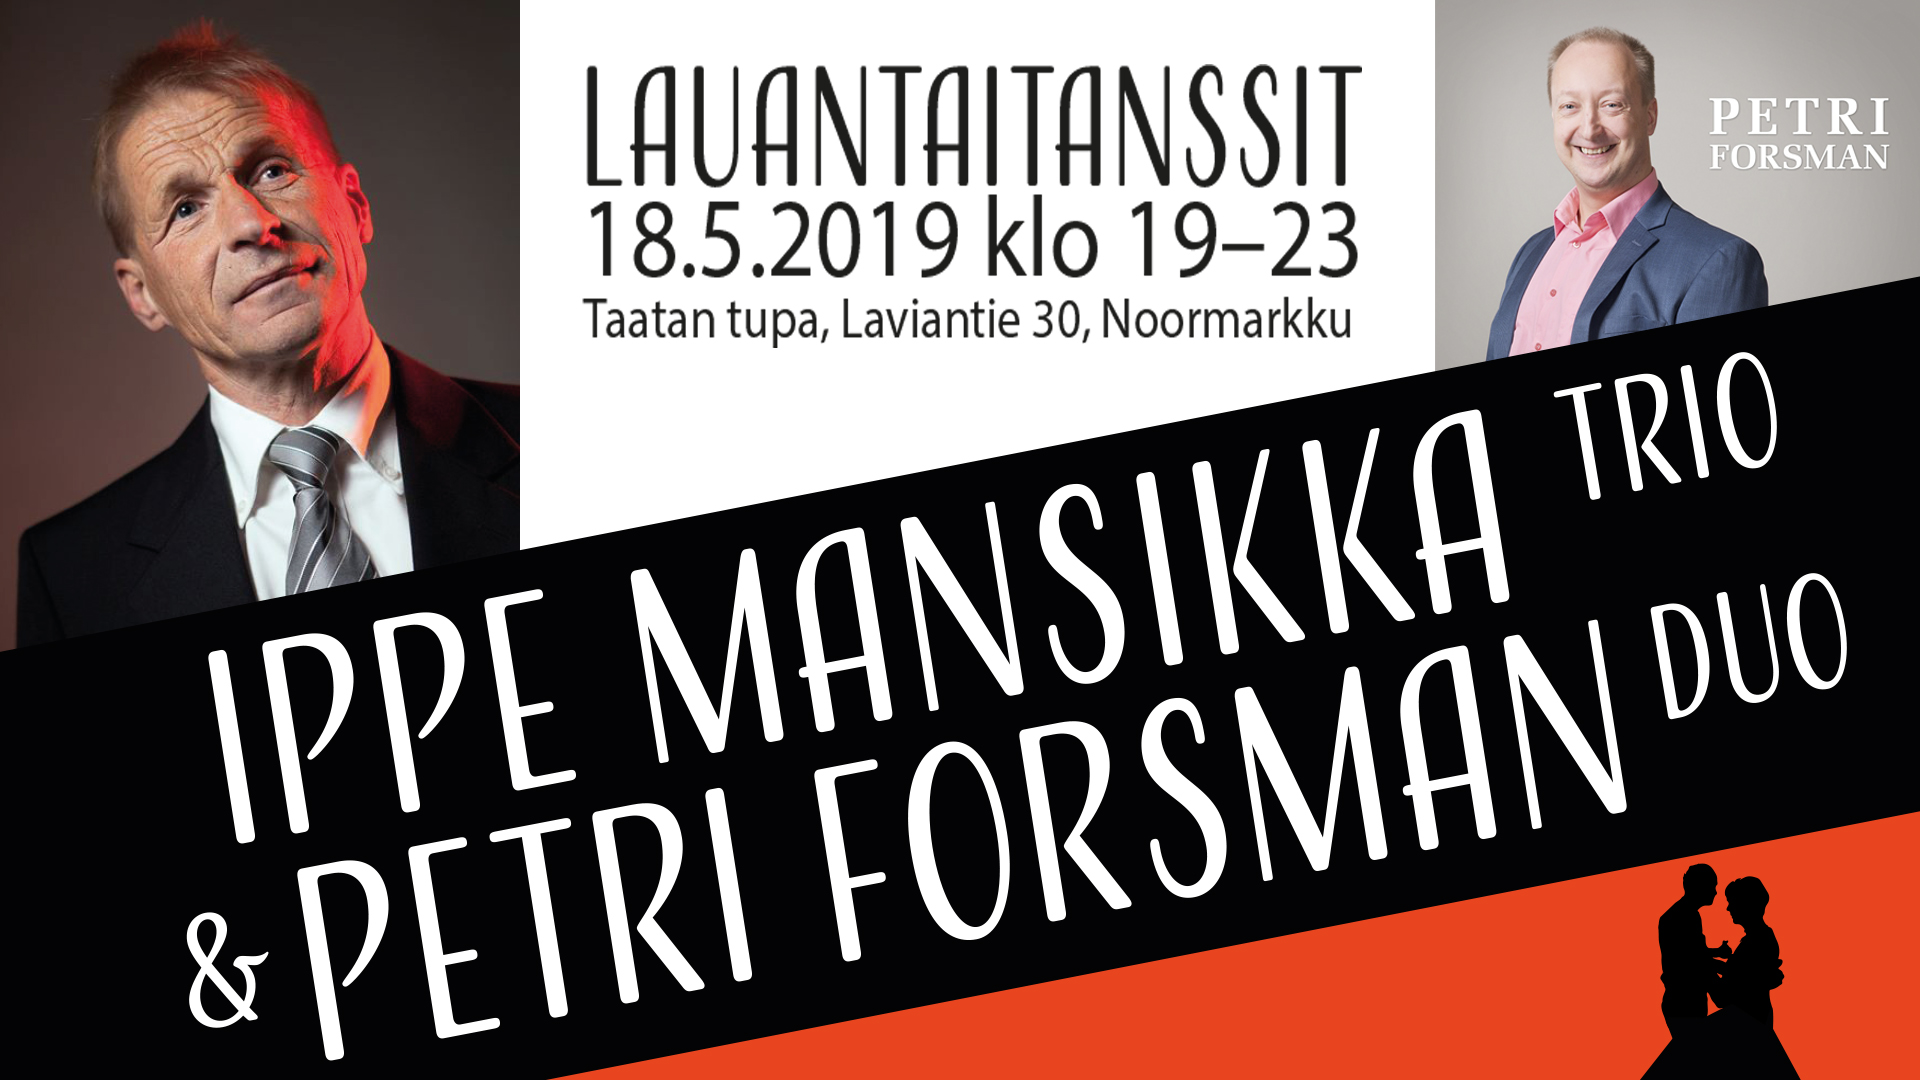 Lauantaitanssit: Ippe Mansikka Trio ja Petri Forsman Duo